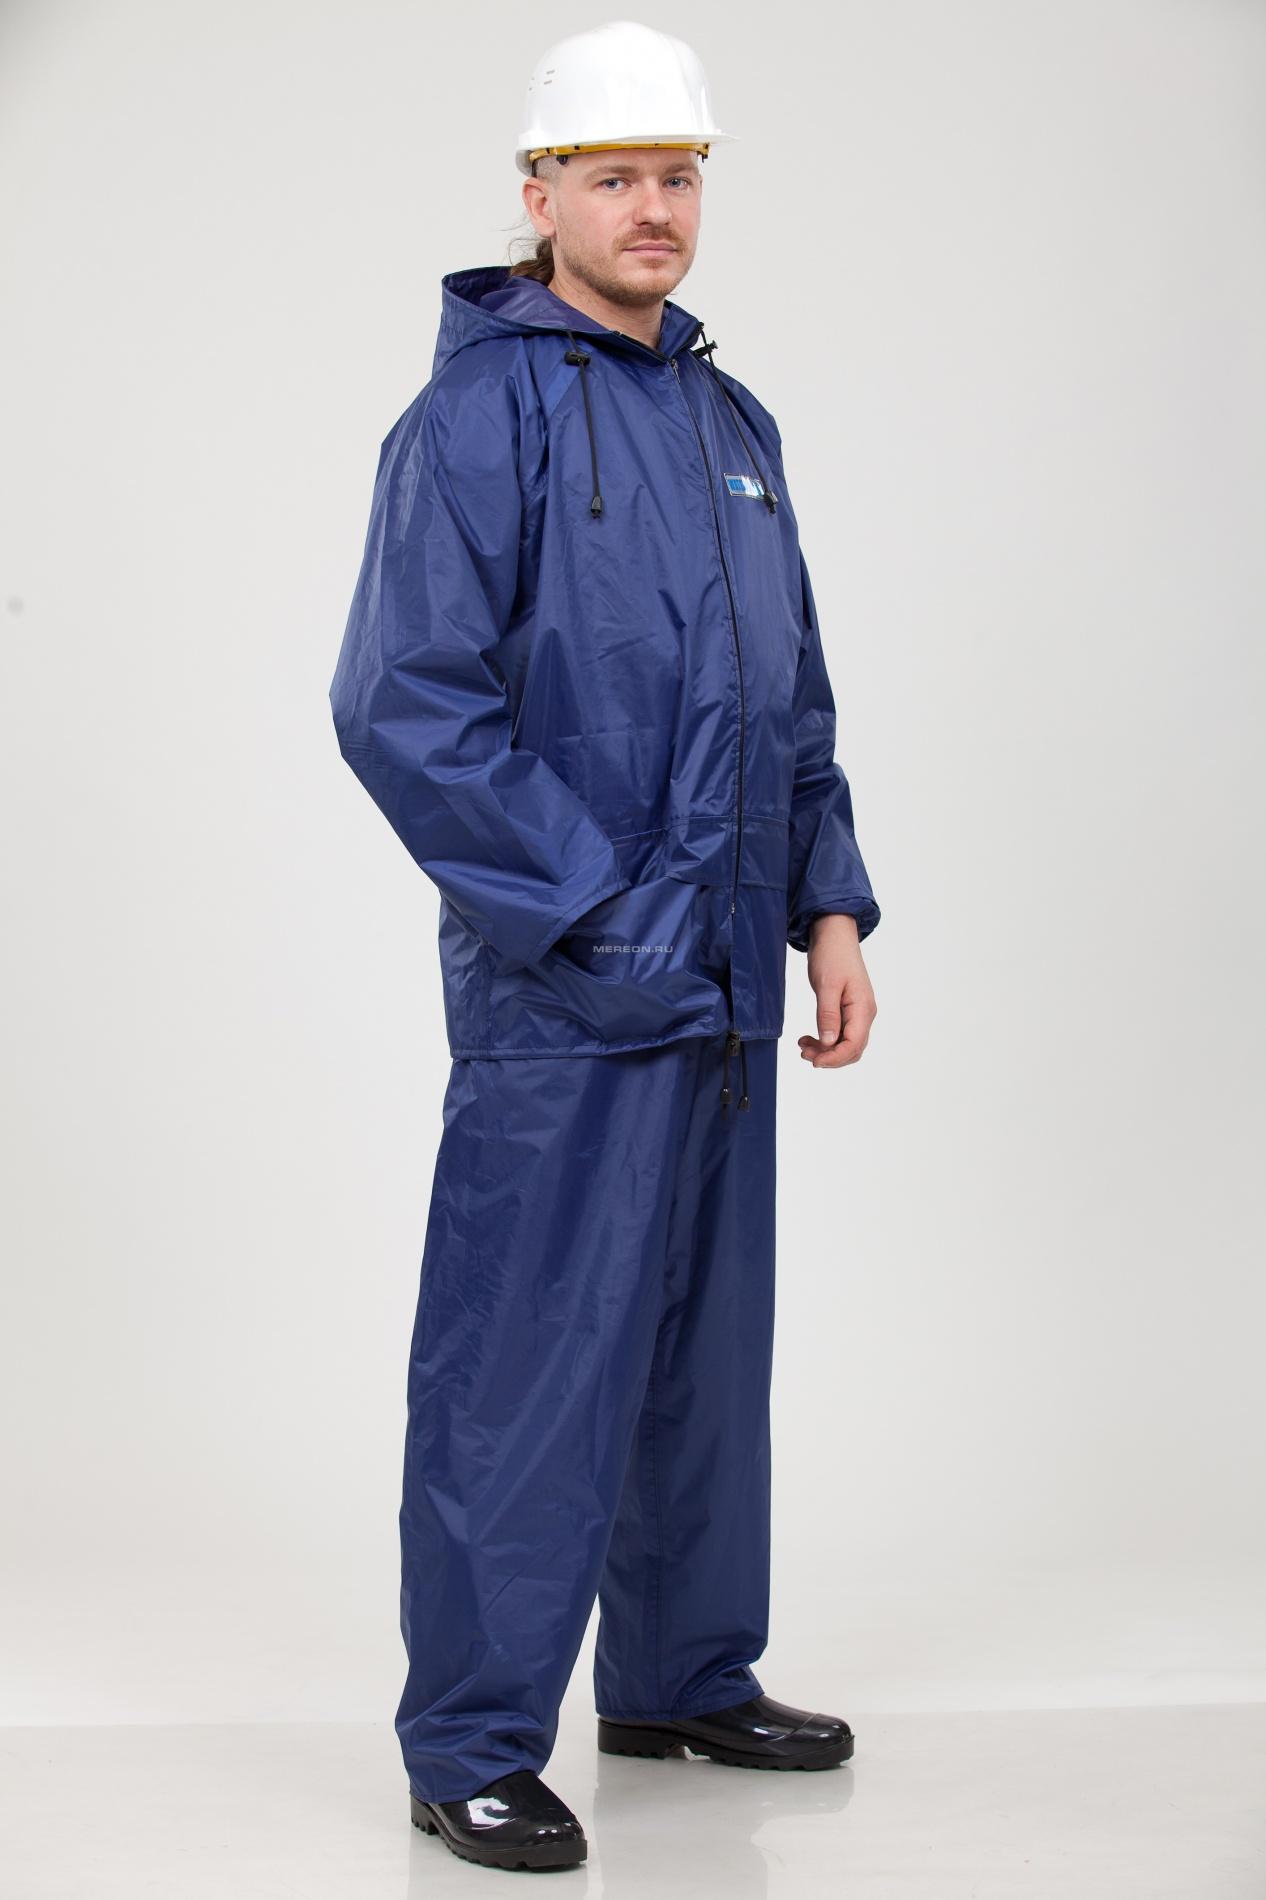 Костюм «Poseidon WPL» нейлоновый т-синий (60-62, Костюмы неутепленные<br>Новая, хорошо продуманная модель костюма. <br>Особенности: 1. Удобная конструкция:костюм <br>состоит из куртки и брюк. Курта с застежкой <br>на молнии, клапаном против ветра, капюшоном, <br>двумя карманами с клапанами, манжетами <br>на рукавах 2. Ткань: костюм изготовлен из <br>прочной плащевой ткани с ПВХ покрытием. <br>Вес ткани — 200 гр./метр.кв. Водоупорность <br>ткани не менее 5000 мм водяного столба. Ткань <br>экологична и соответствует европейскому <br>стандарту по содержанию вредных веществ <br>EN 71 PART3. 3. Проклеенные швы: все швы костюма <br>загерметизированы специальной лентой. <br>4. Яркие цвета: костюм выпускается в черном, <br>синем, зеленом, желтом , ярко-оранжевом флуоресцентном, <br>ярко-лимонном флуоресцентном цветах. Цену <br>на р-р 60-62 уточняйте у менеджеров-консультанов.<br><br>Пол: мужской<br>Размер: 60-62<br>Рост: 182-188<br>Сезон: демисезонный<br>Цвет: синий